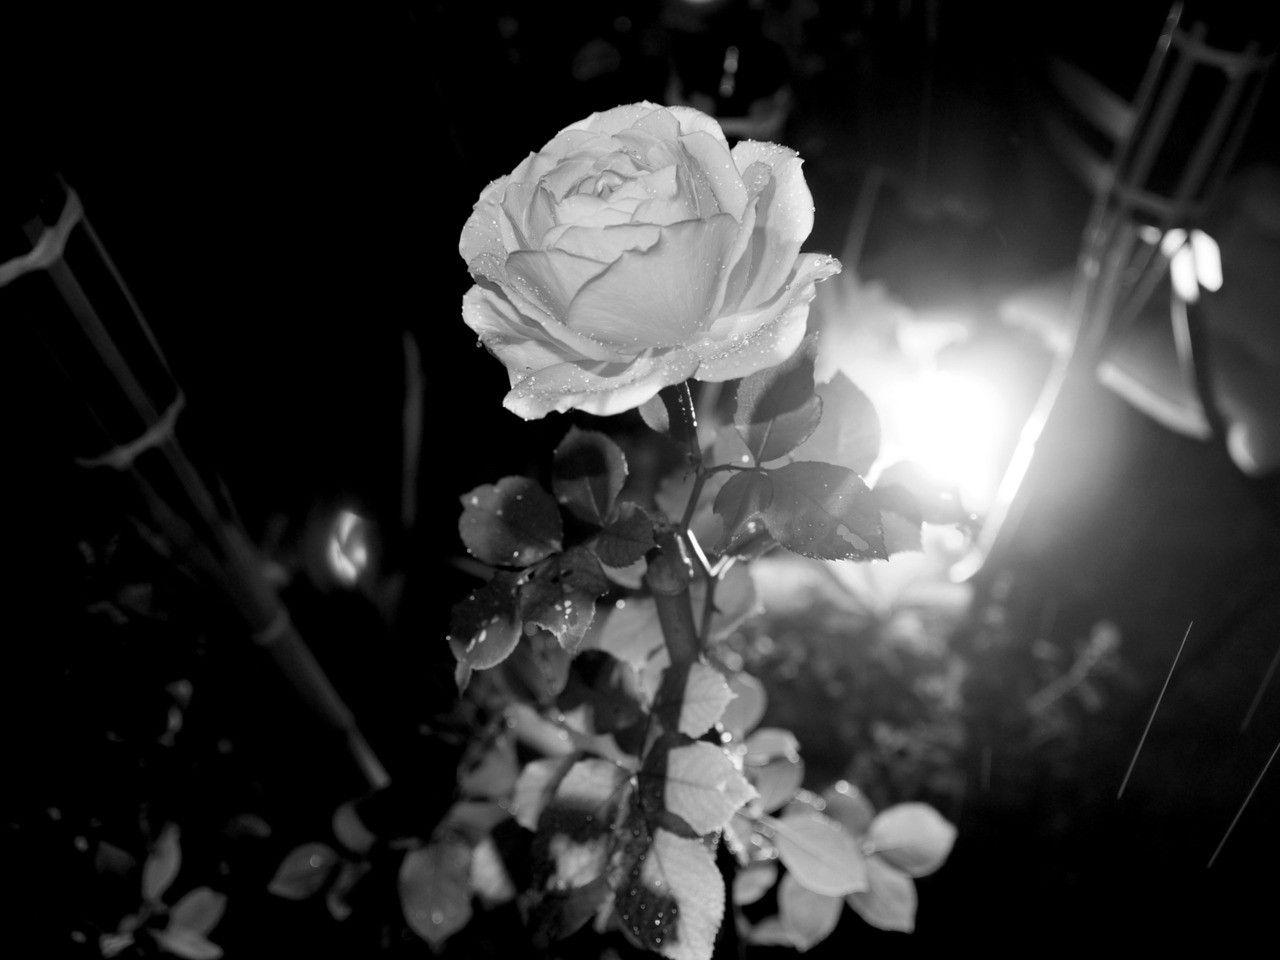 Light Dark White Rose Wallpaper Flower Nature Flowers Light Dark White Rose Wallpaper Flower Nature For Light In The Dark Rose Wallpaper Cell Phones For Sale